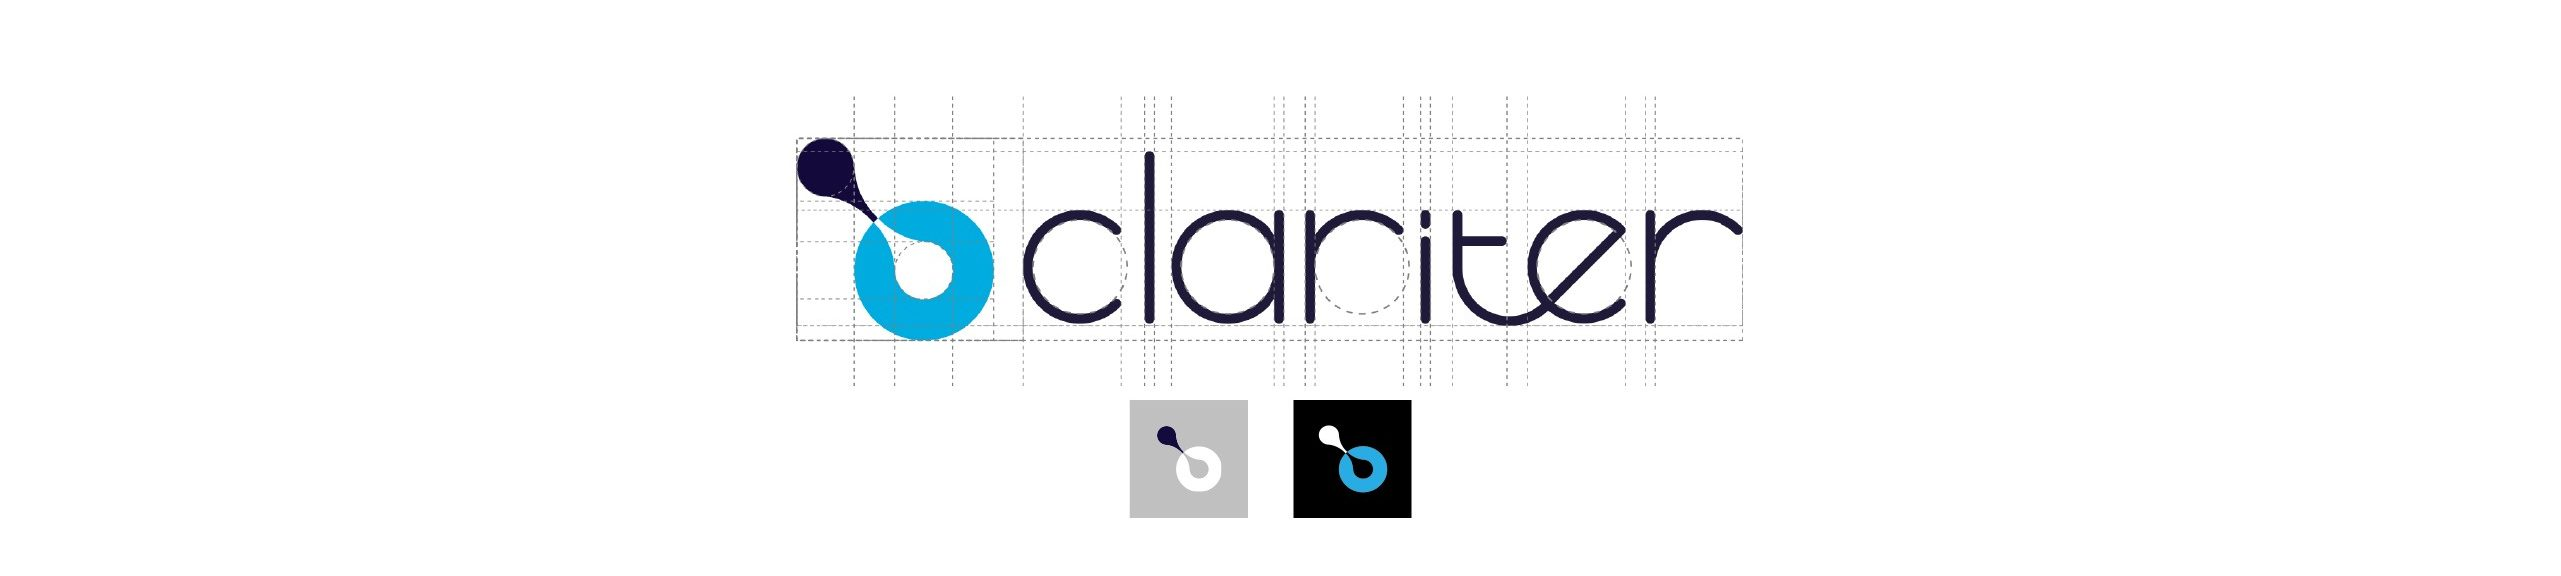 Clariter - Clariter_Natie_R7-17 - Natie Branding Agency